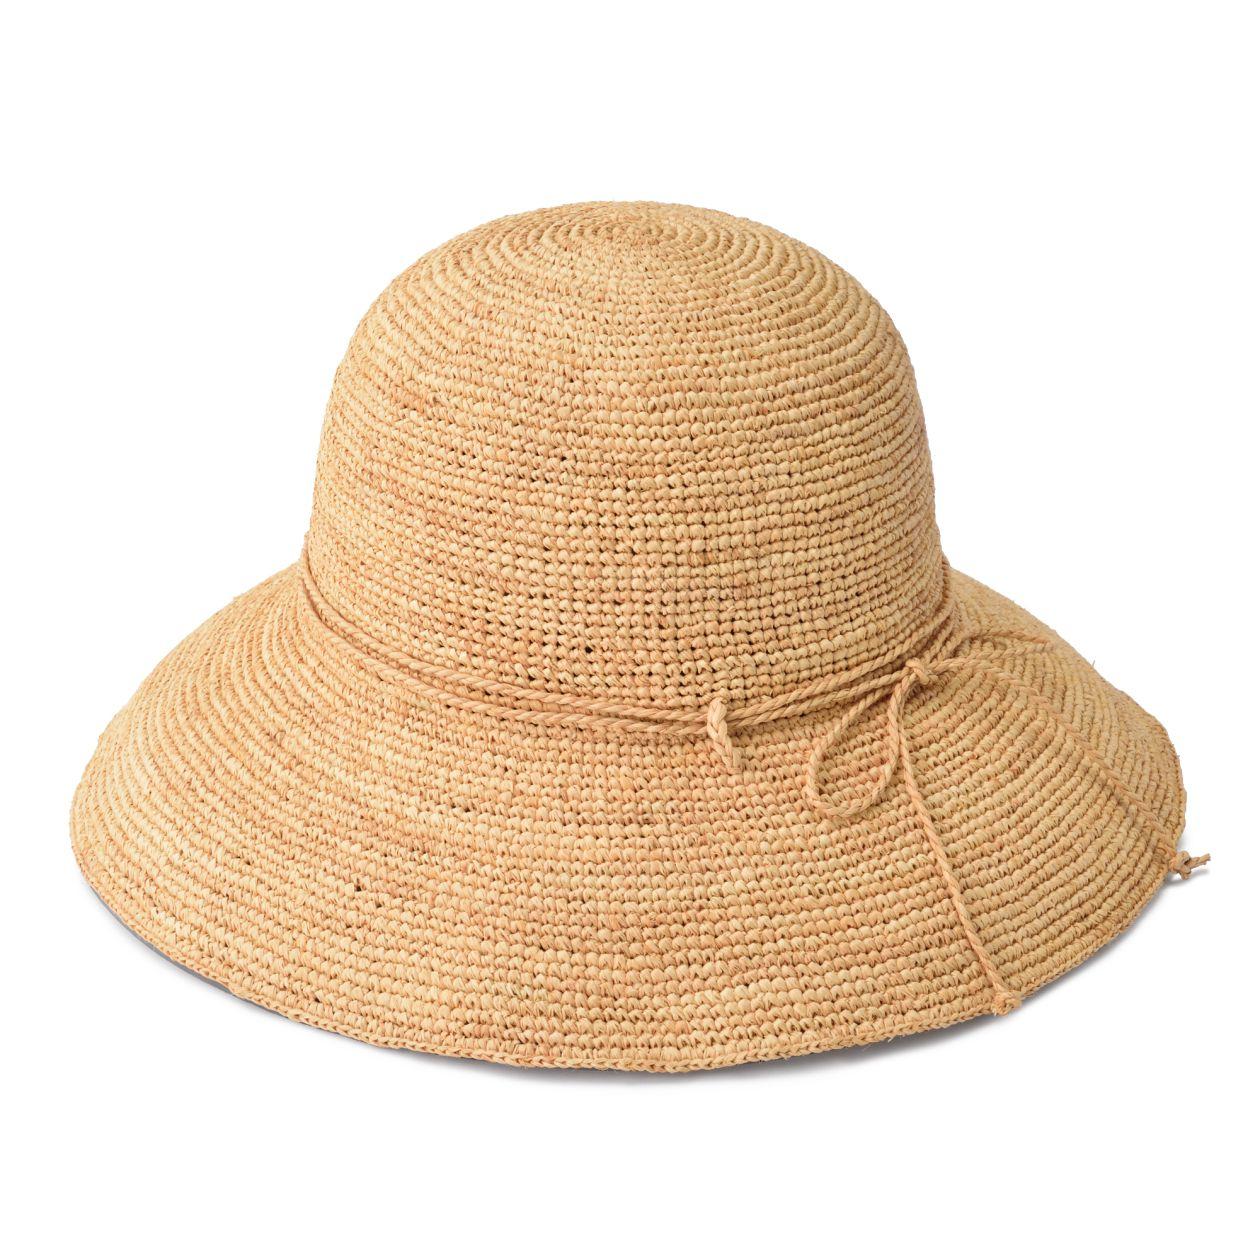 [무인양품] 라피아 챙 넓은 모자 55~57.5cm・에크루 MUJI 일본 공식스토어